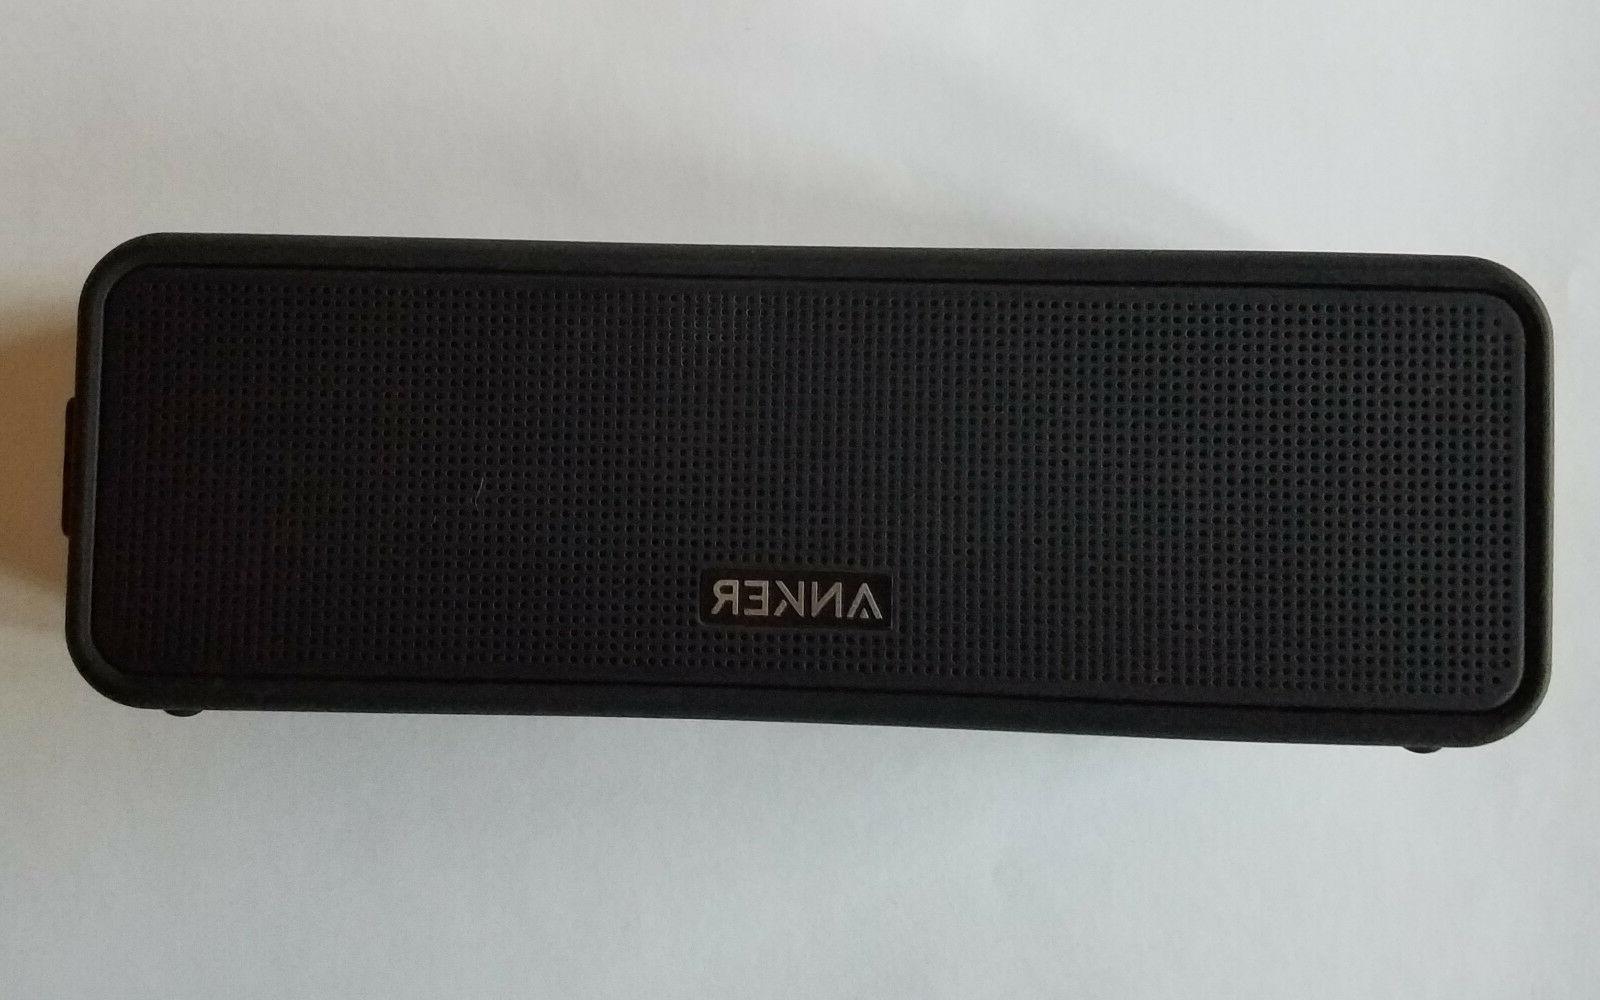 Unused Portable Wireless Speaker - BLACK